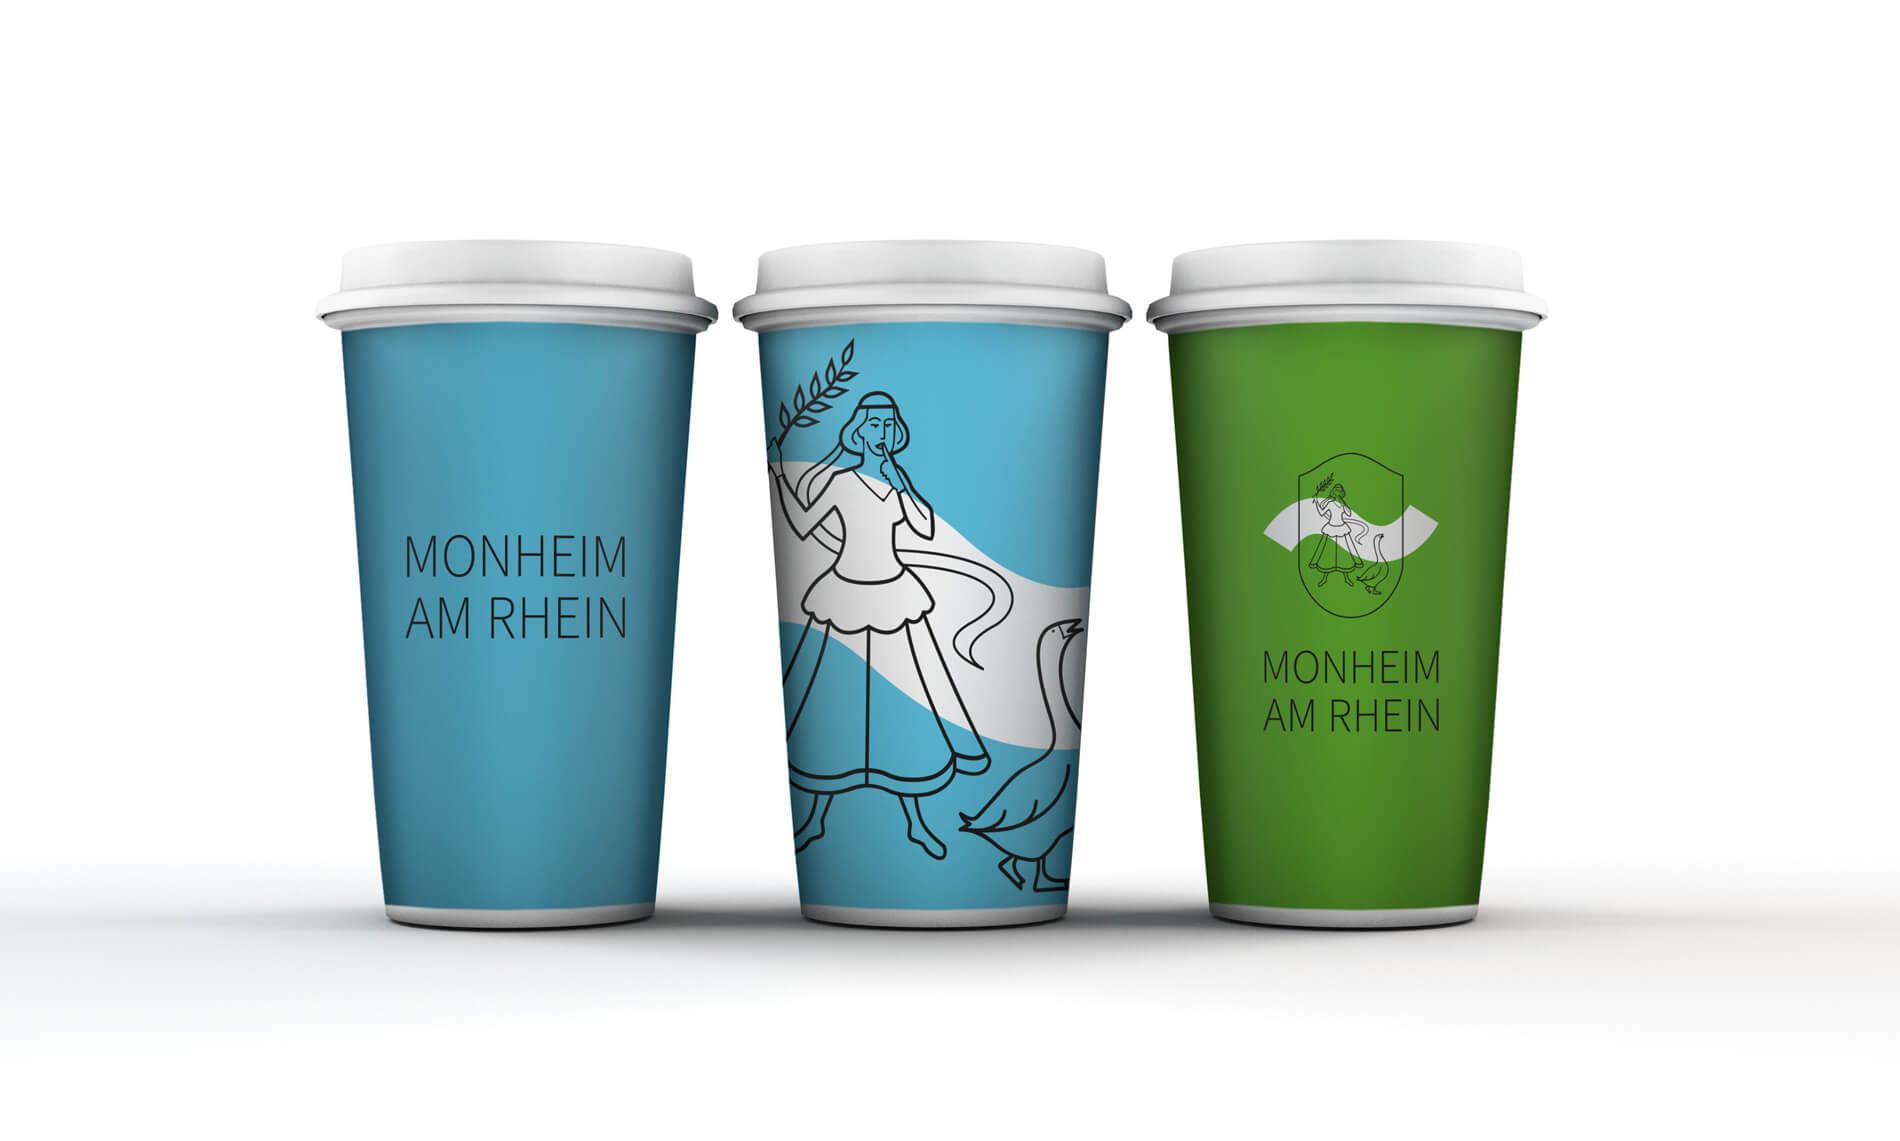 Monheim am Rhein Werbemittel Coffee to go Becher blau und grün